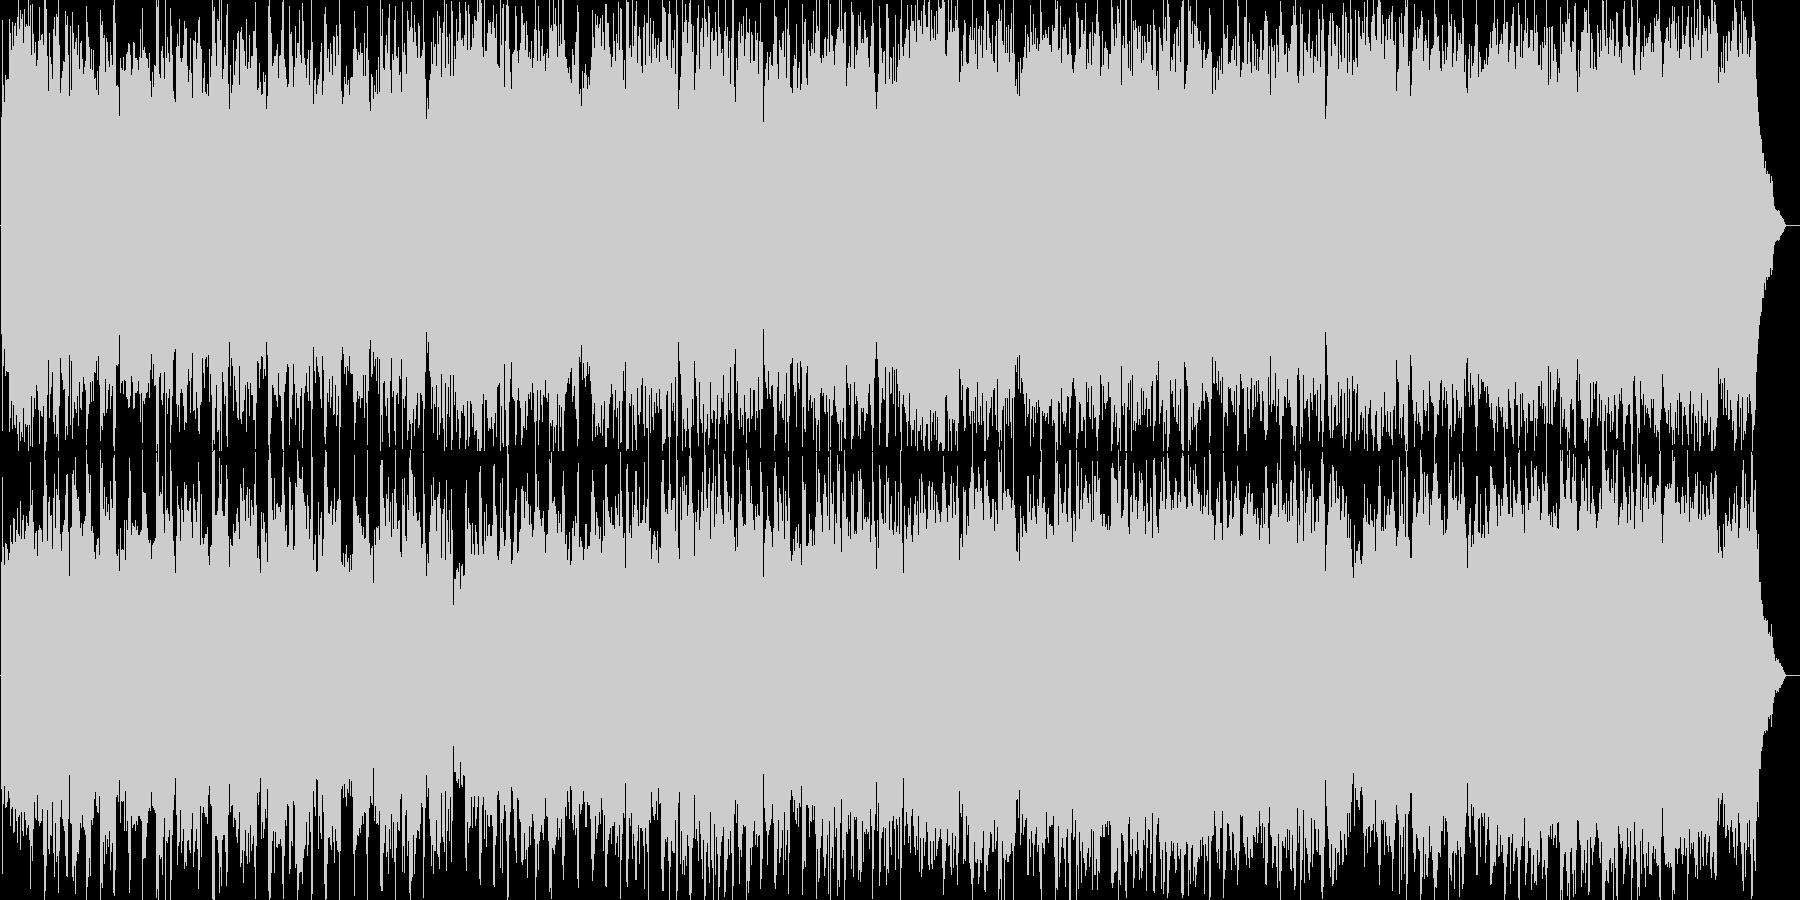 アップテンポなエレクトロポップミュージ…の未再生の波形